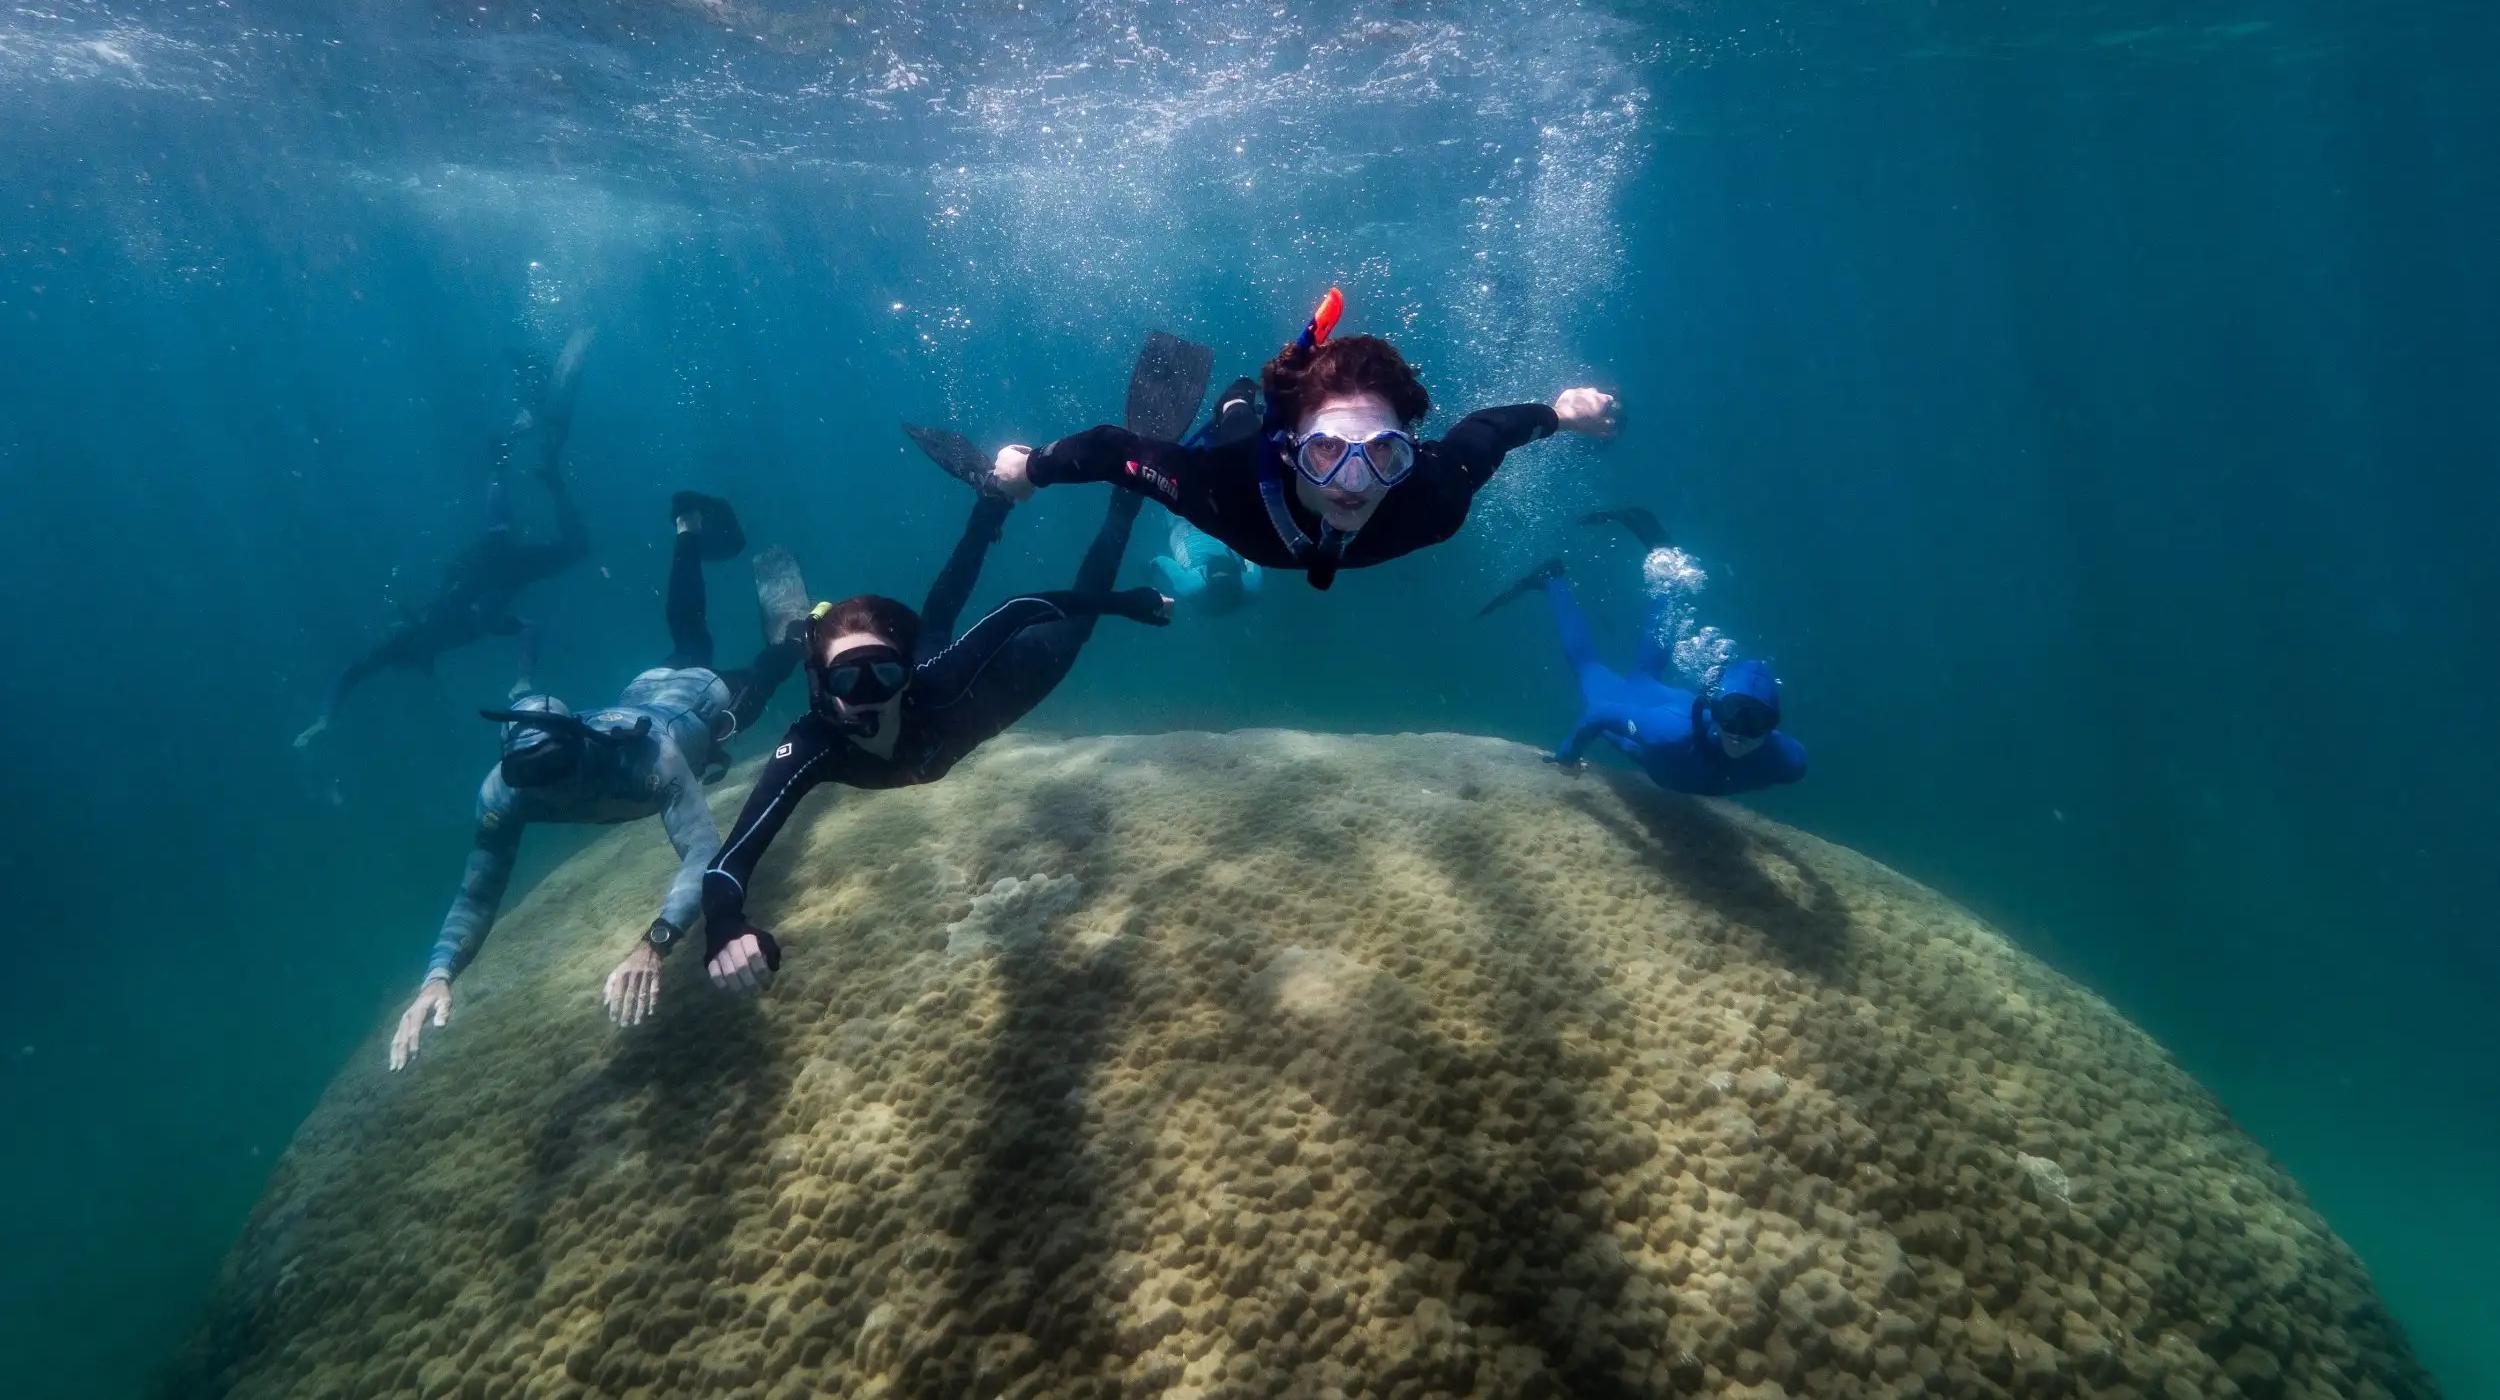 Обнаружен самый большой по ширине коралл из когда-либо найденных в Большом Барьерном рифе